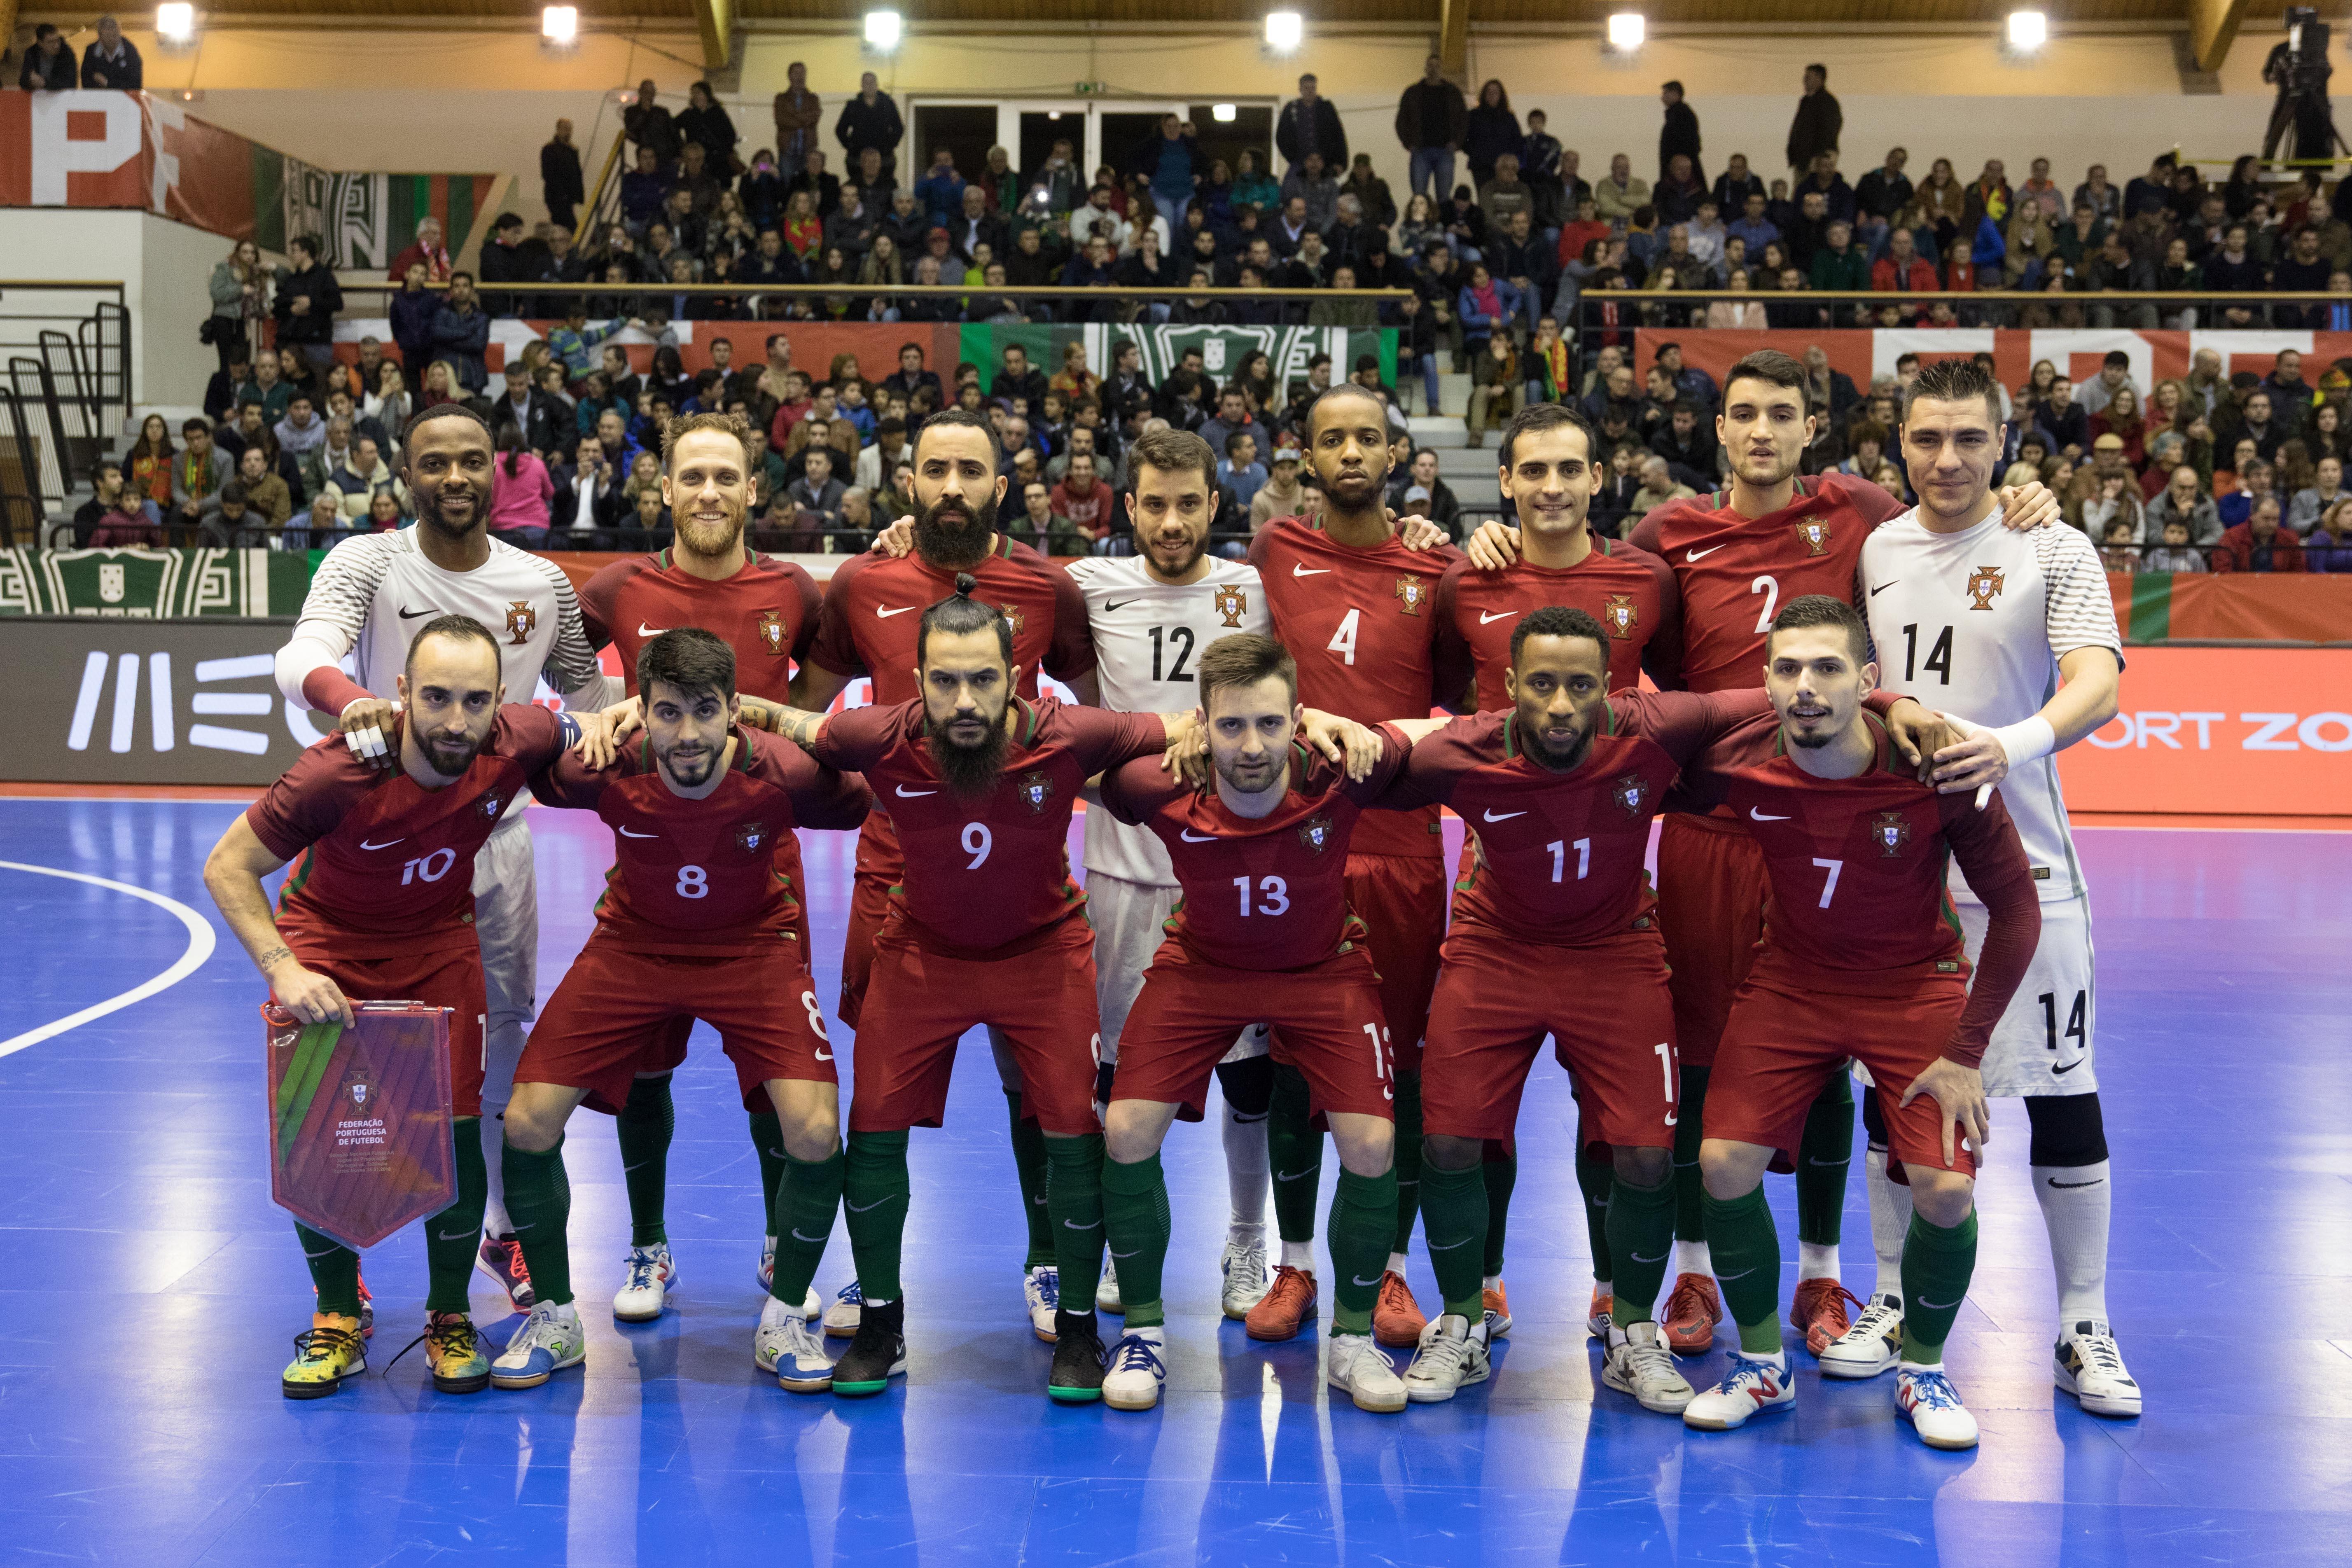 bdeaaaec62 Marcelo e Costa felicitam Campeões da Europa de futsal - Renascença